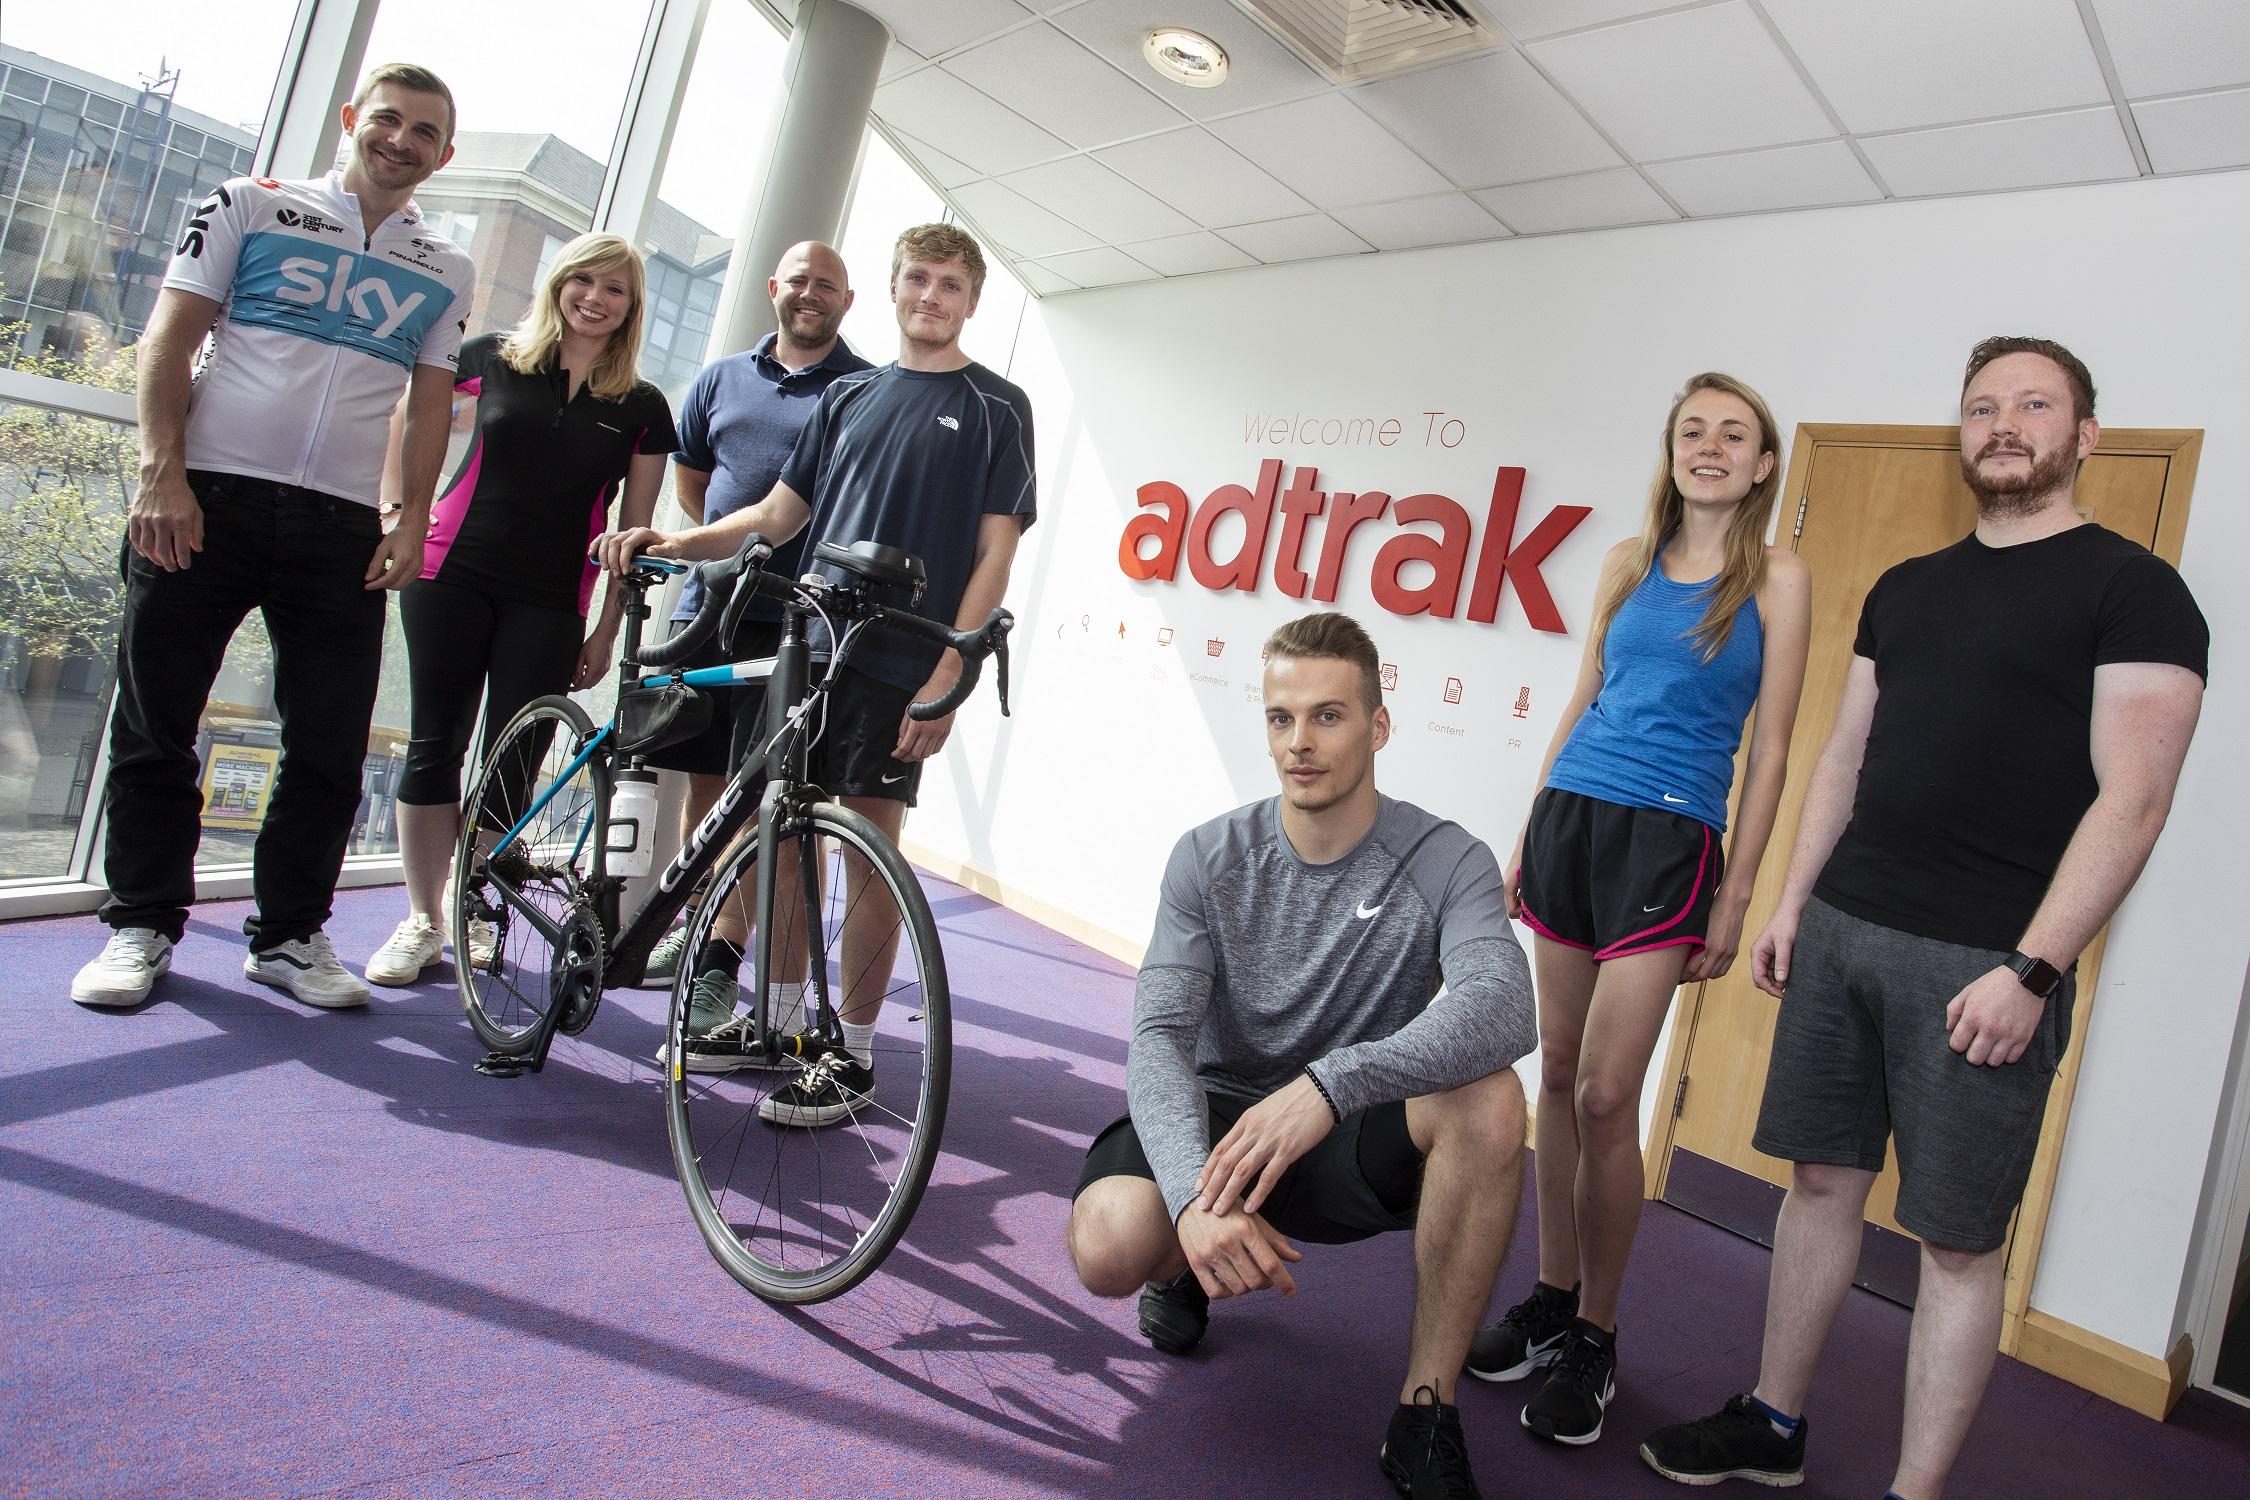 Adtrak put best foot forward for Nottingham charity